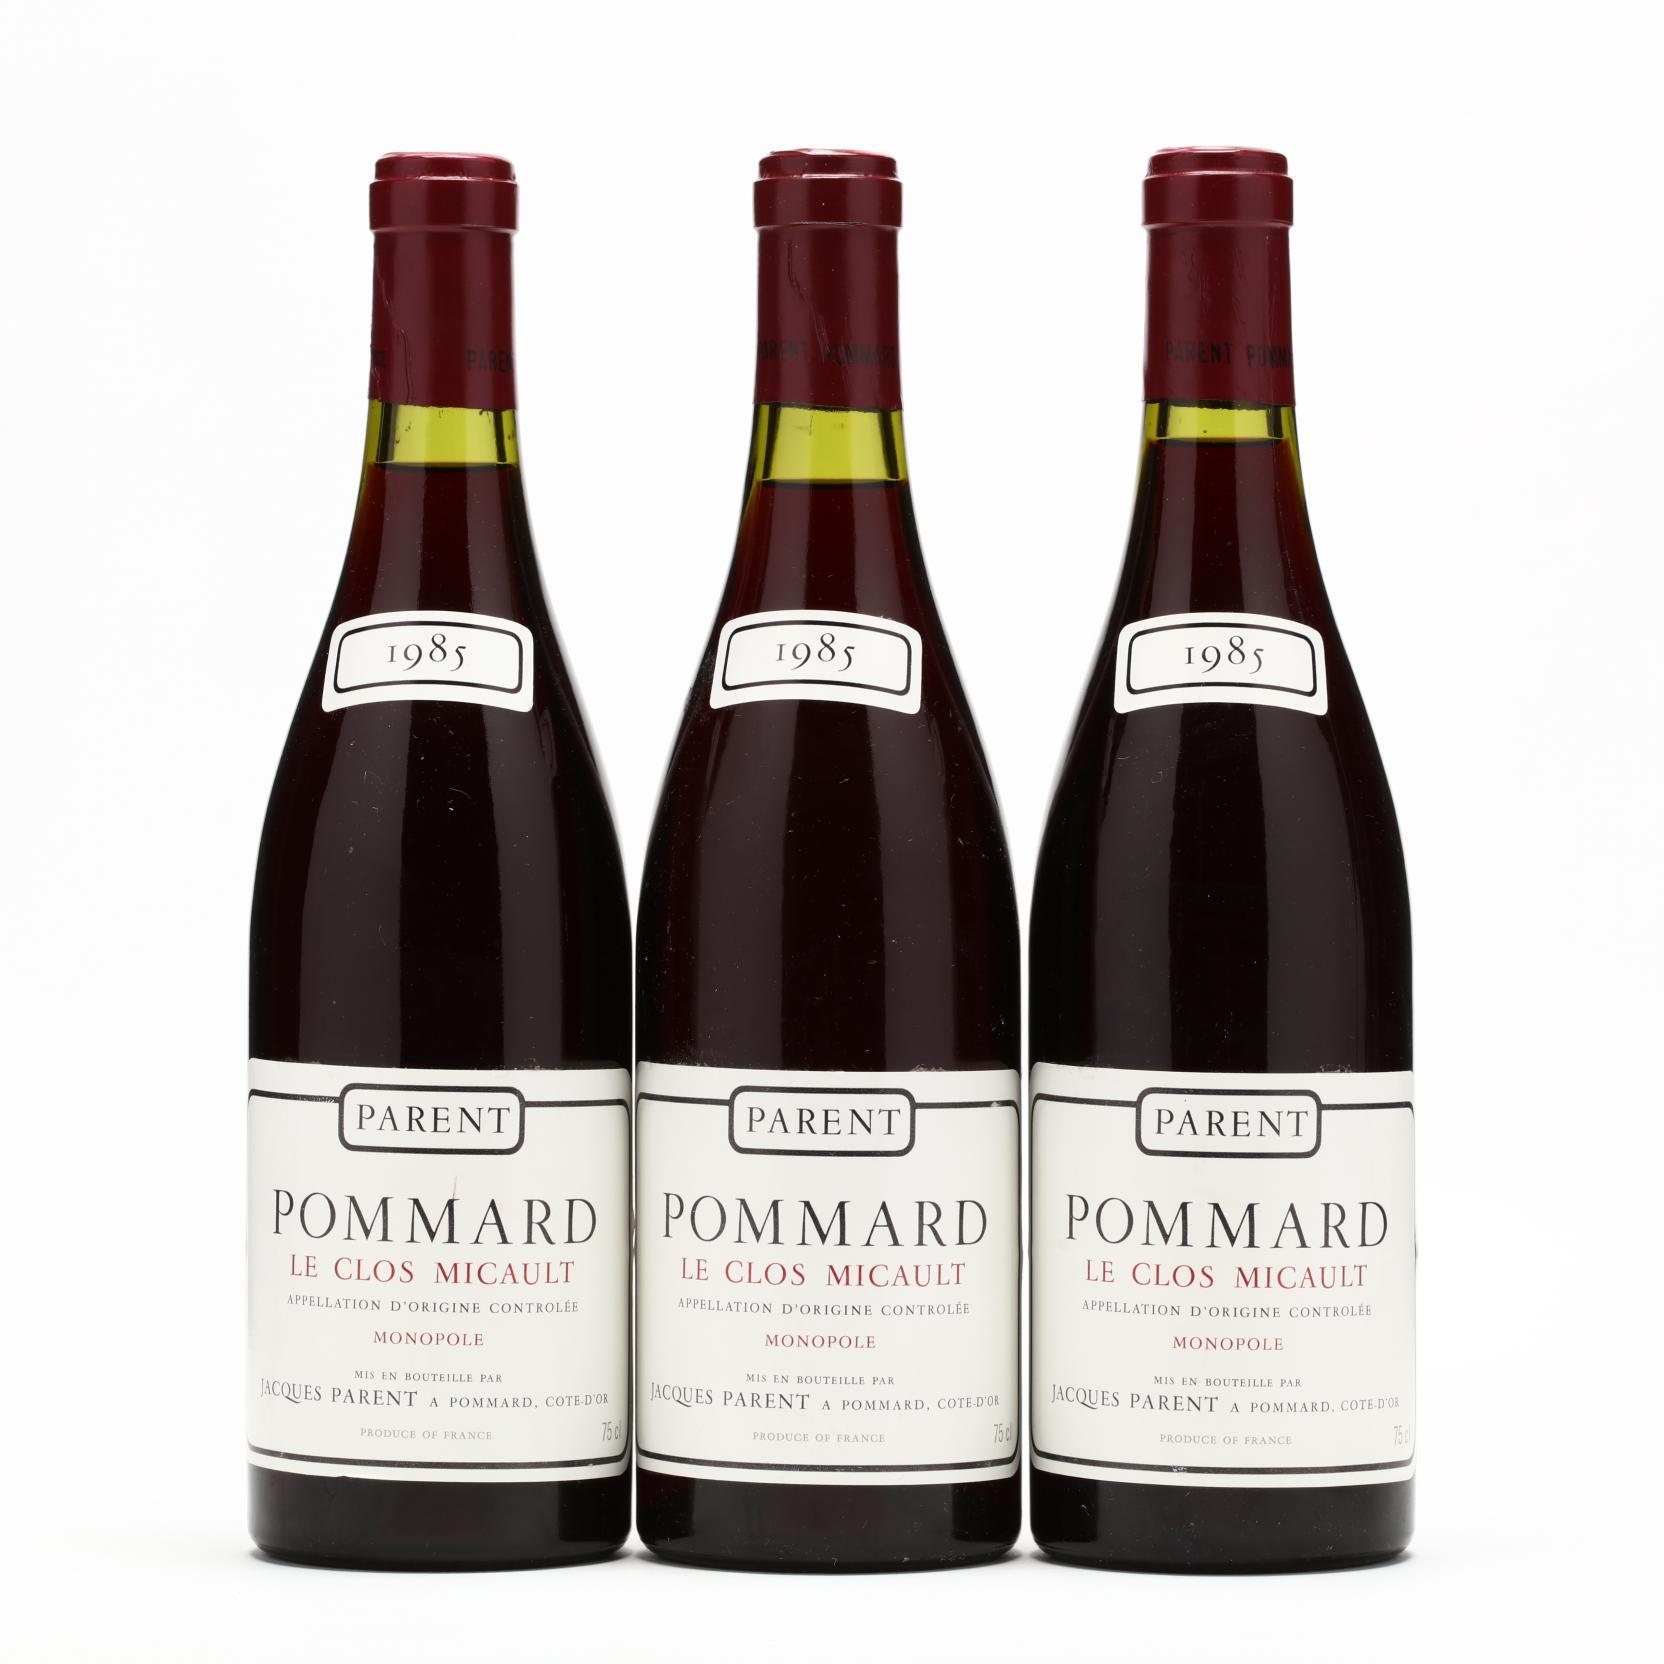 pommard-vintage-1985